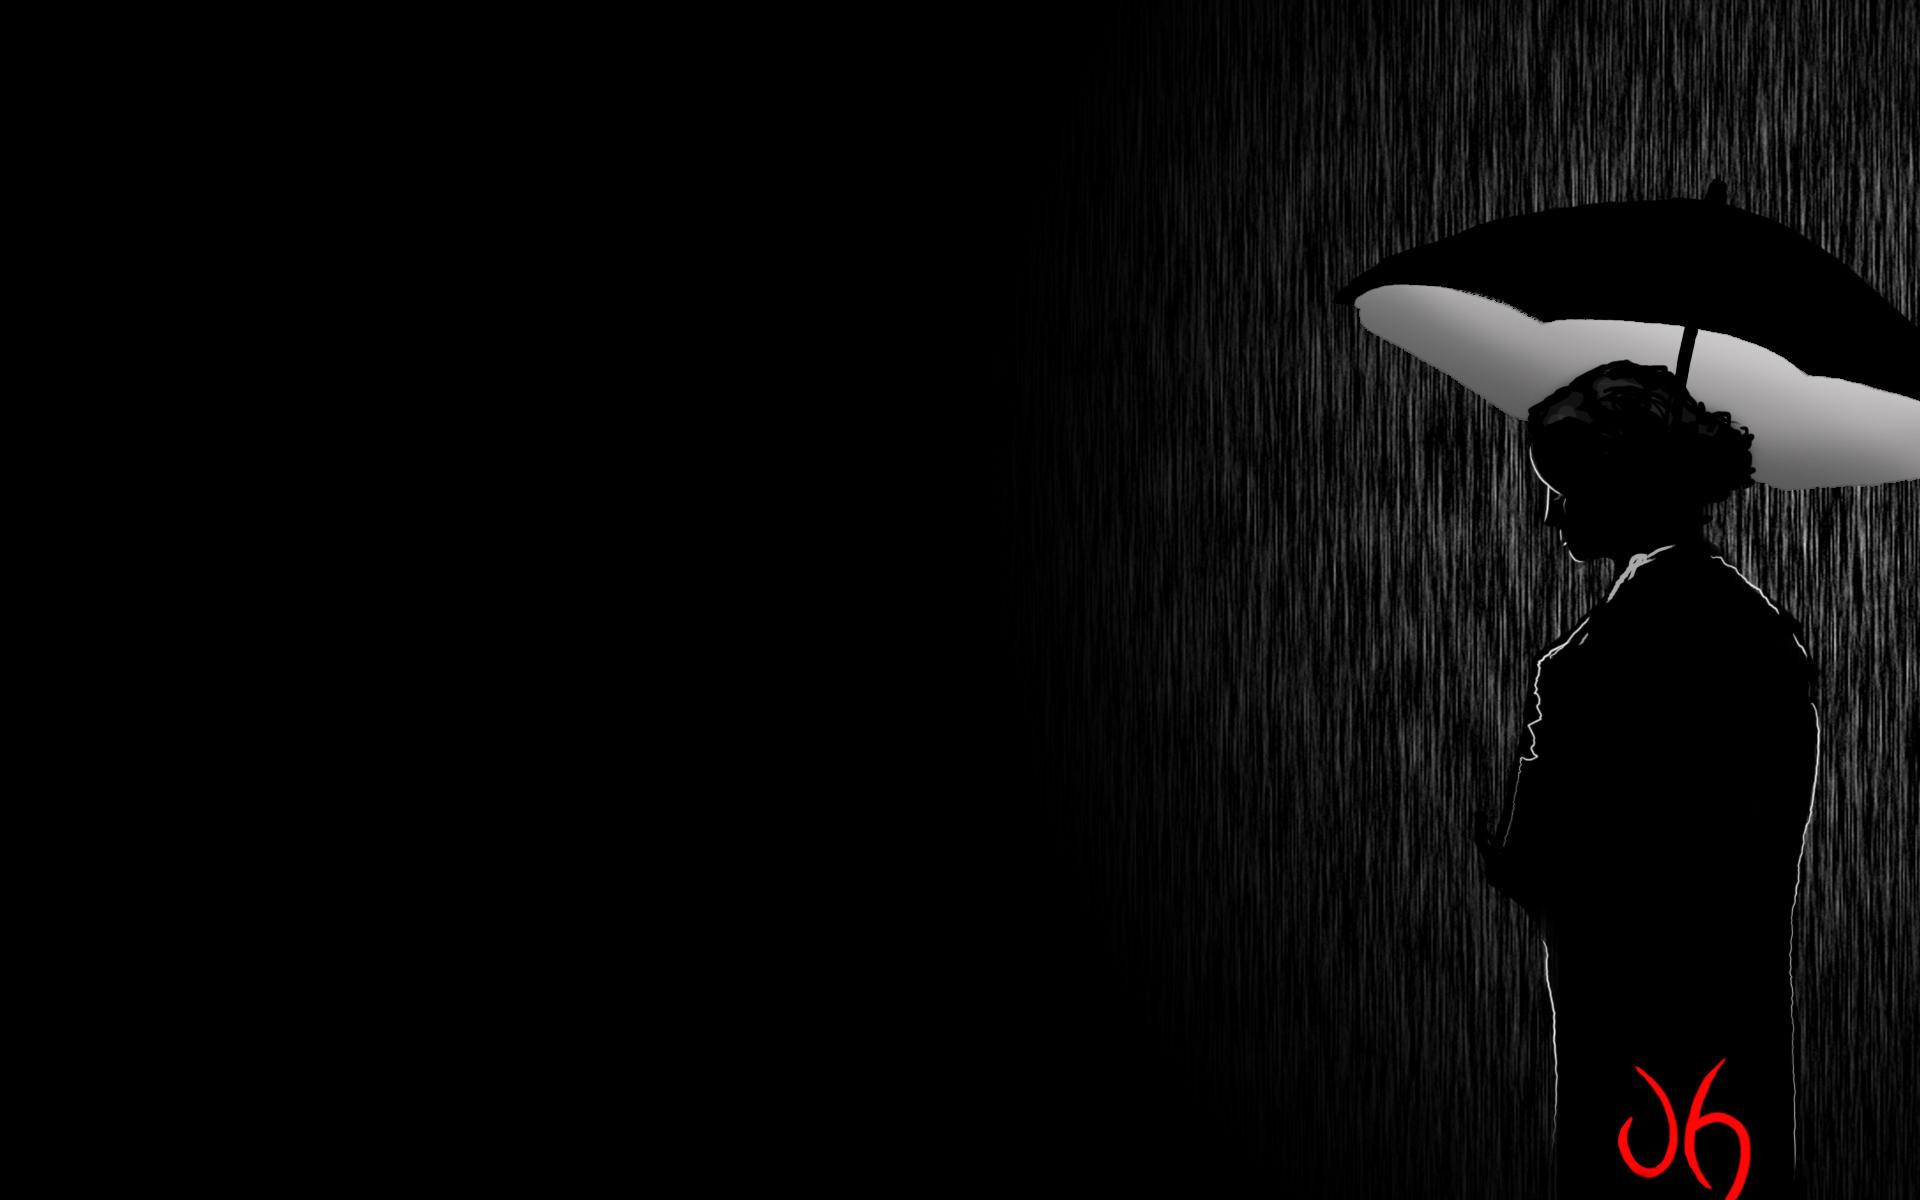 RainDT